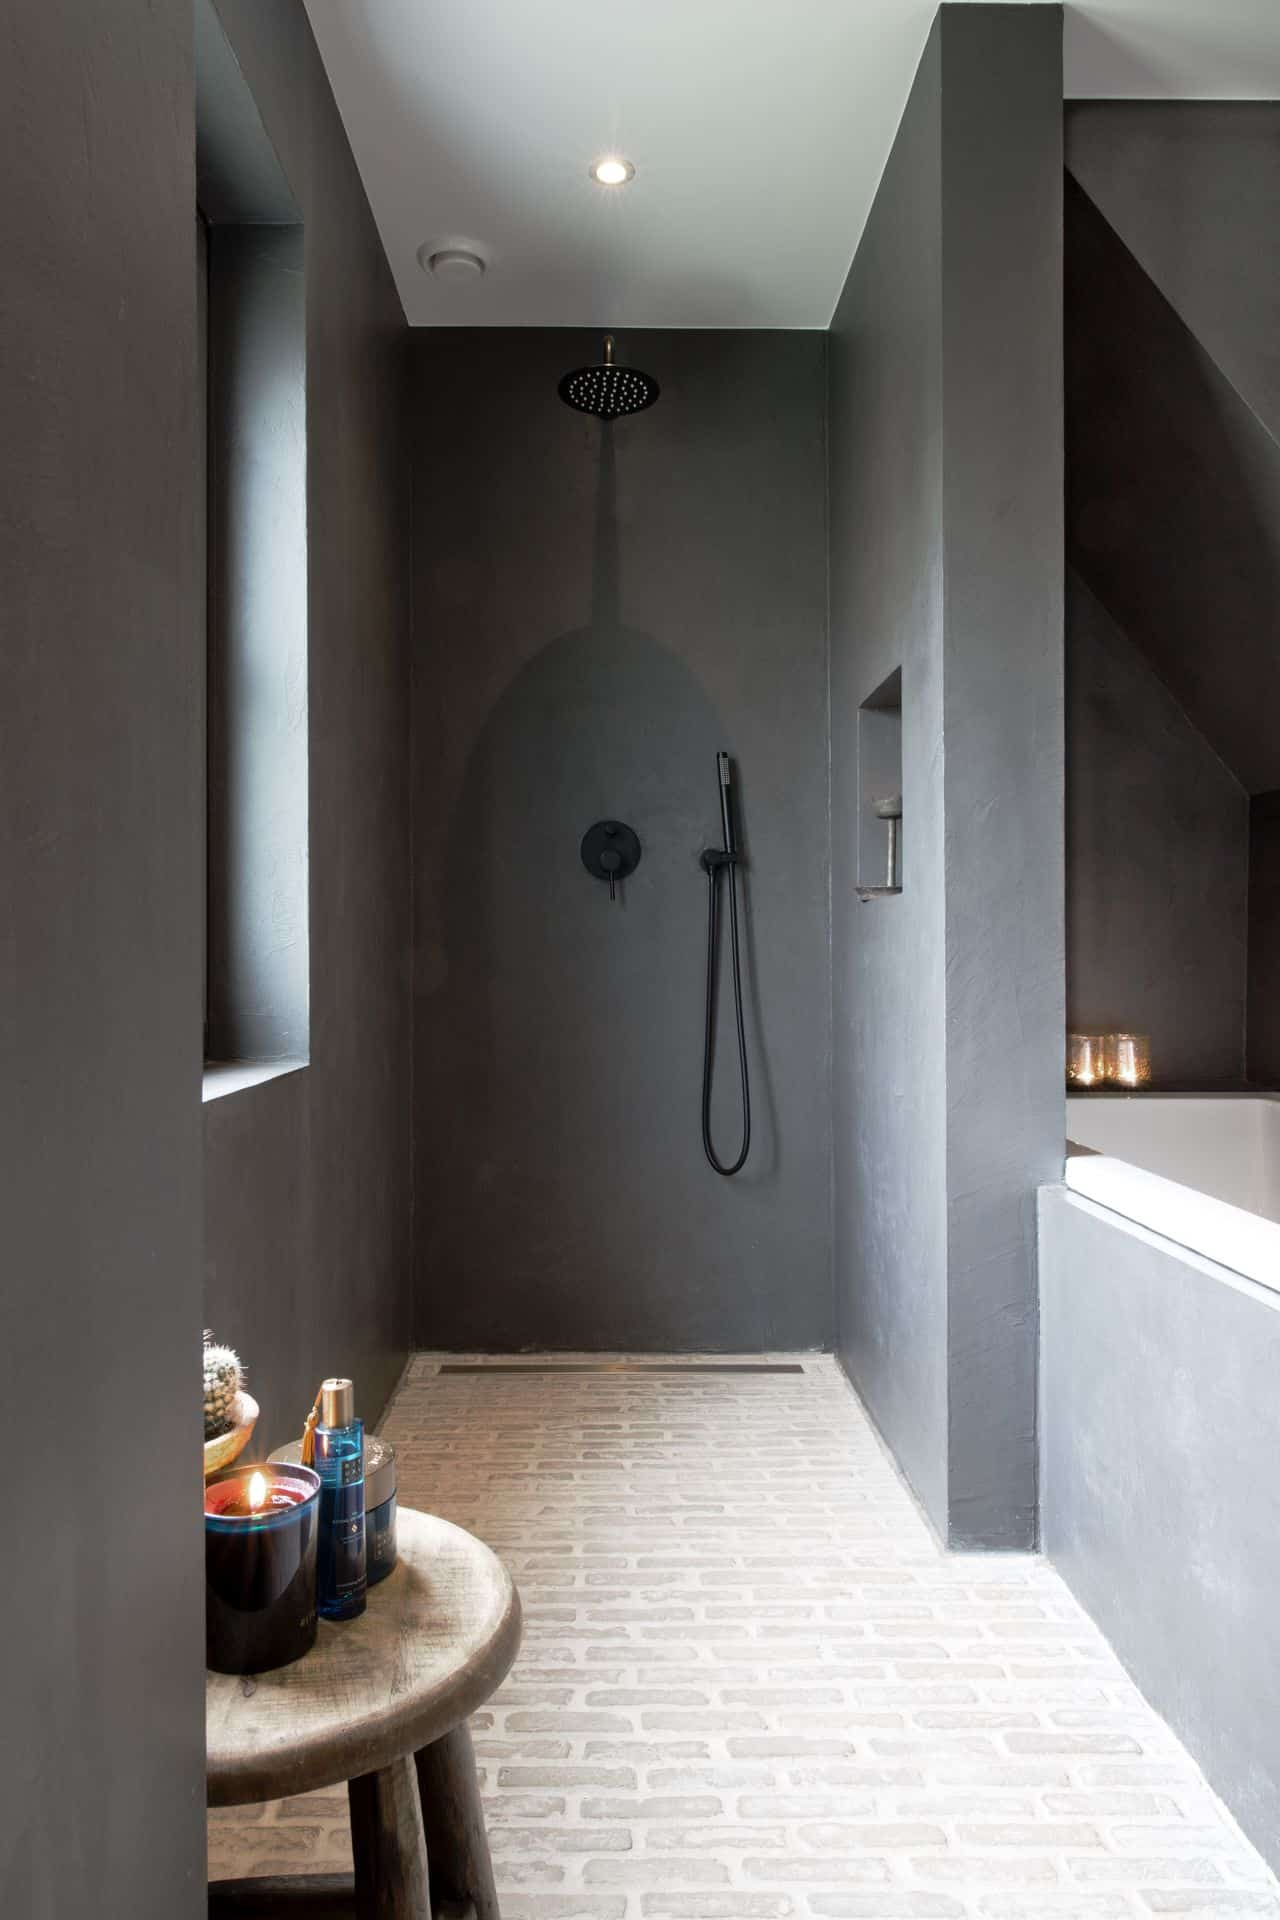 badkamer met betonlook muur, betonlook muren